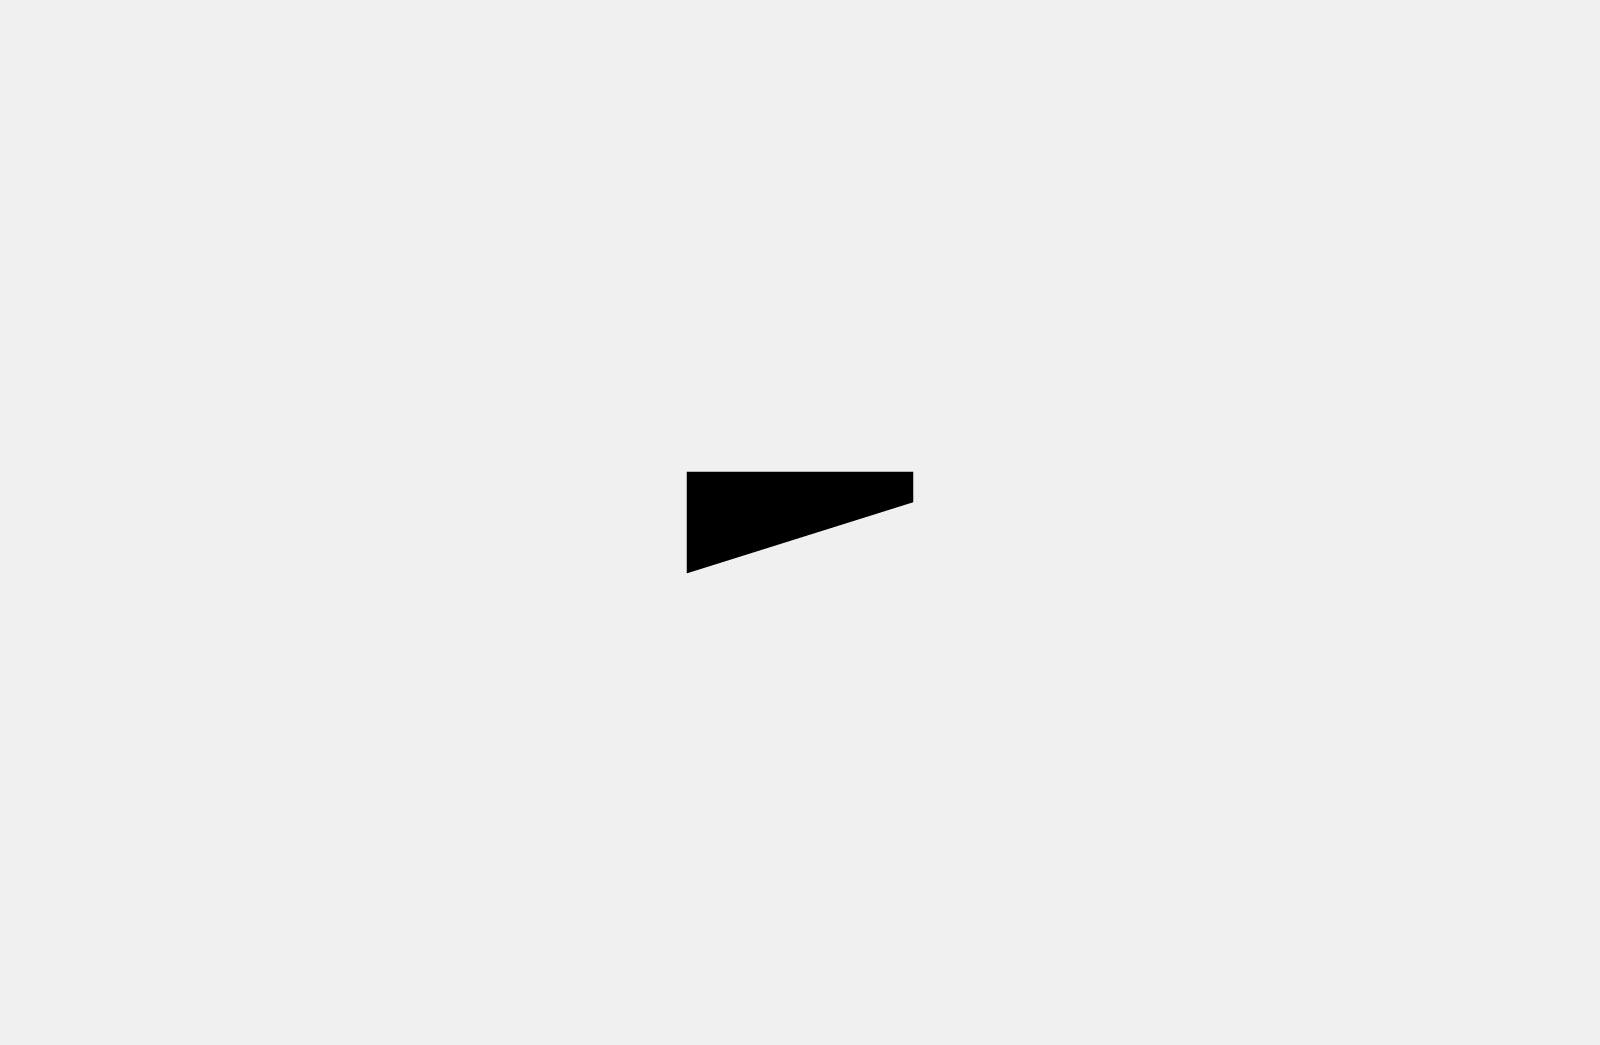 14_element_an-ste_logo